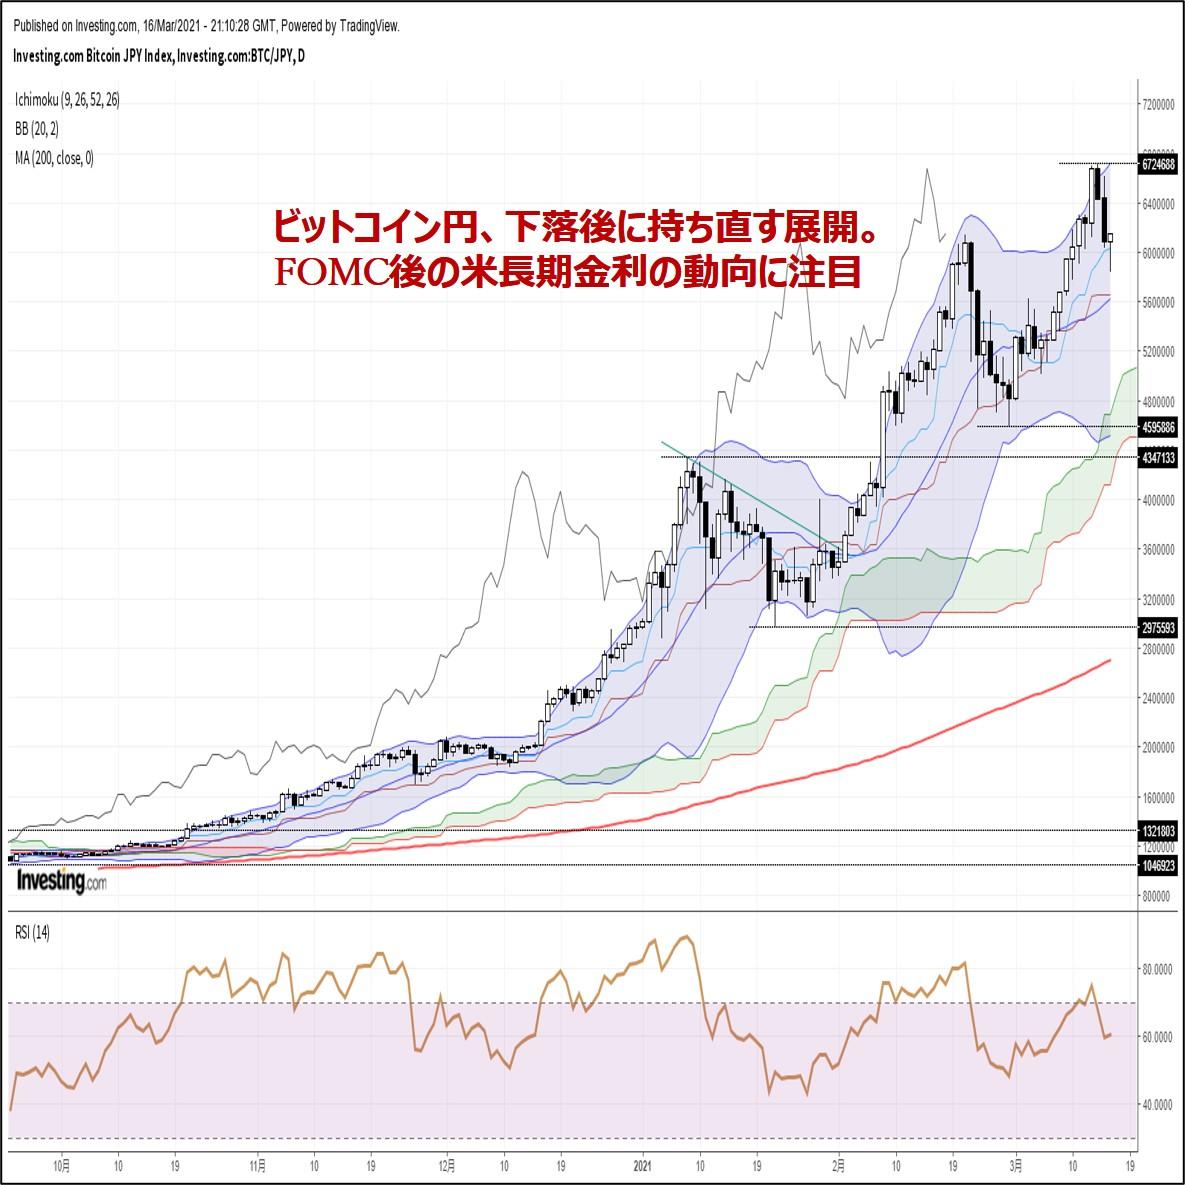 ビットコイン円、下落後に持ち直す展開。FOMC後の米長期金利の動向に注目(3/17朝)